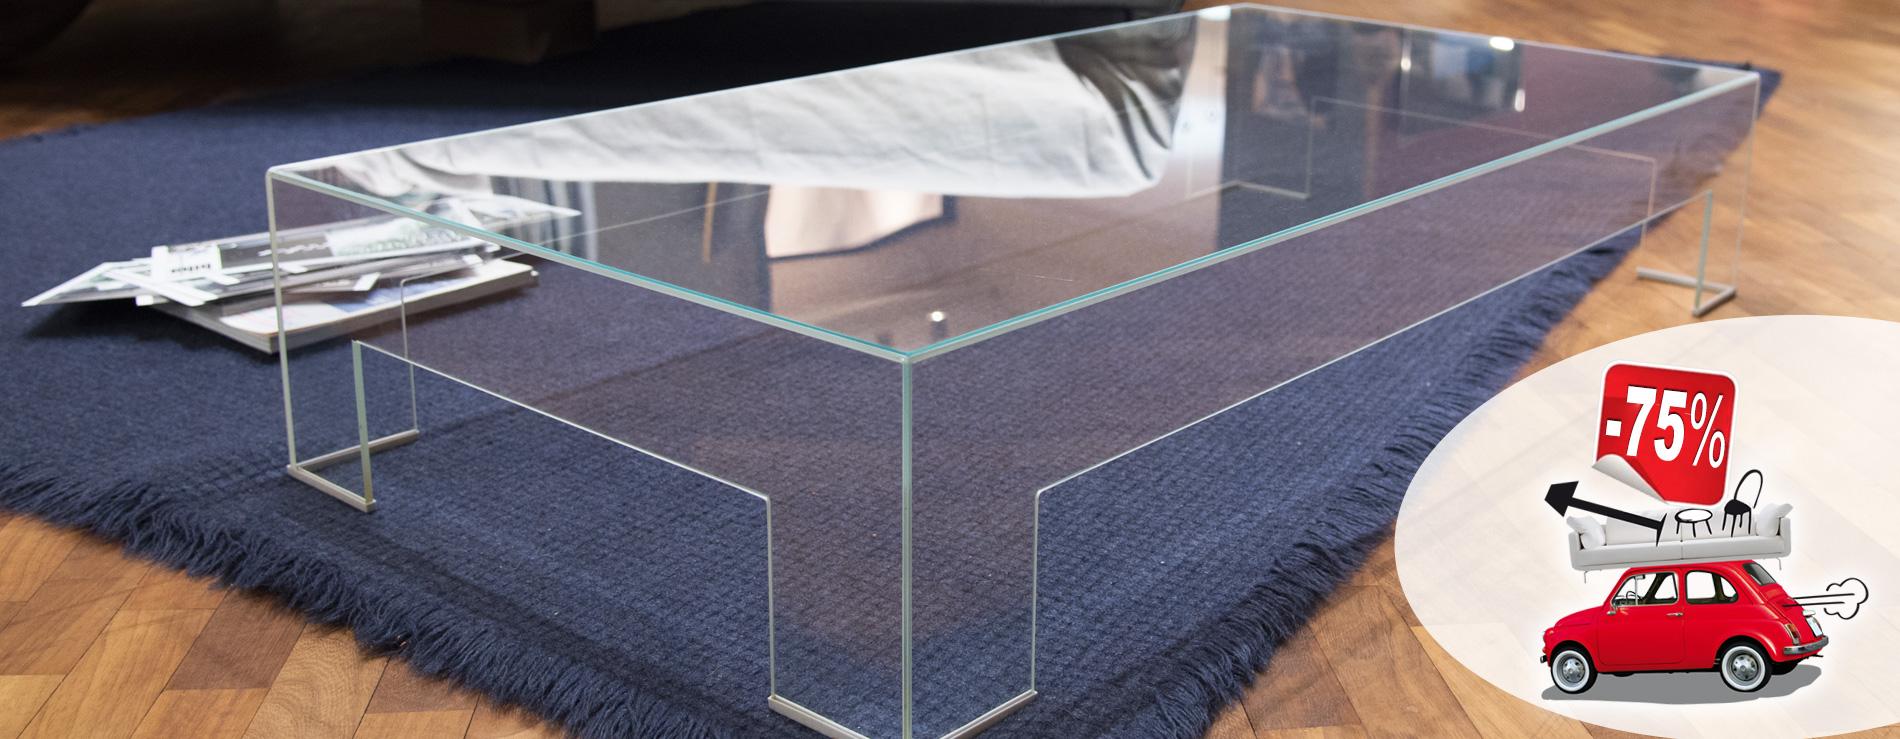 Tavolino Glass in promozione